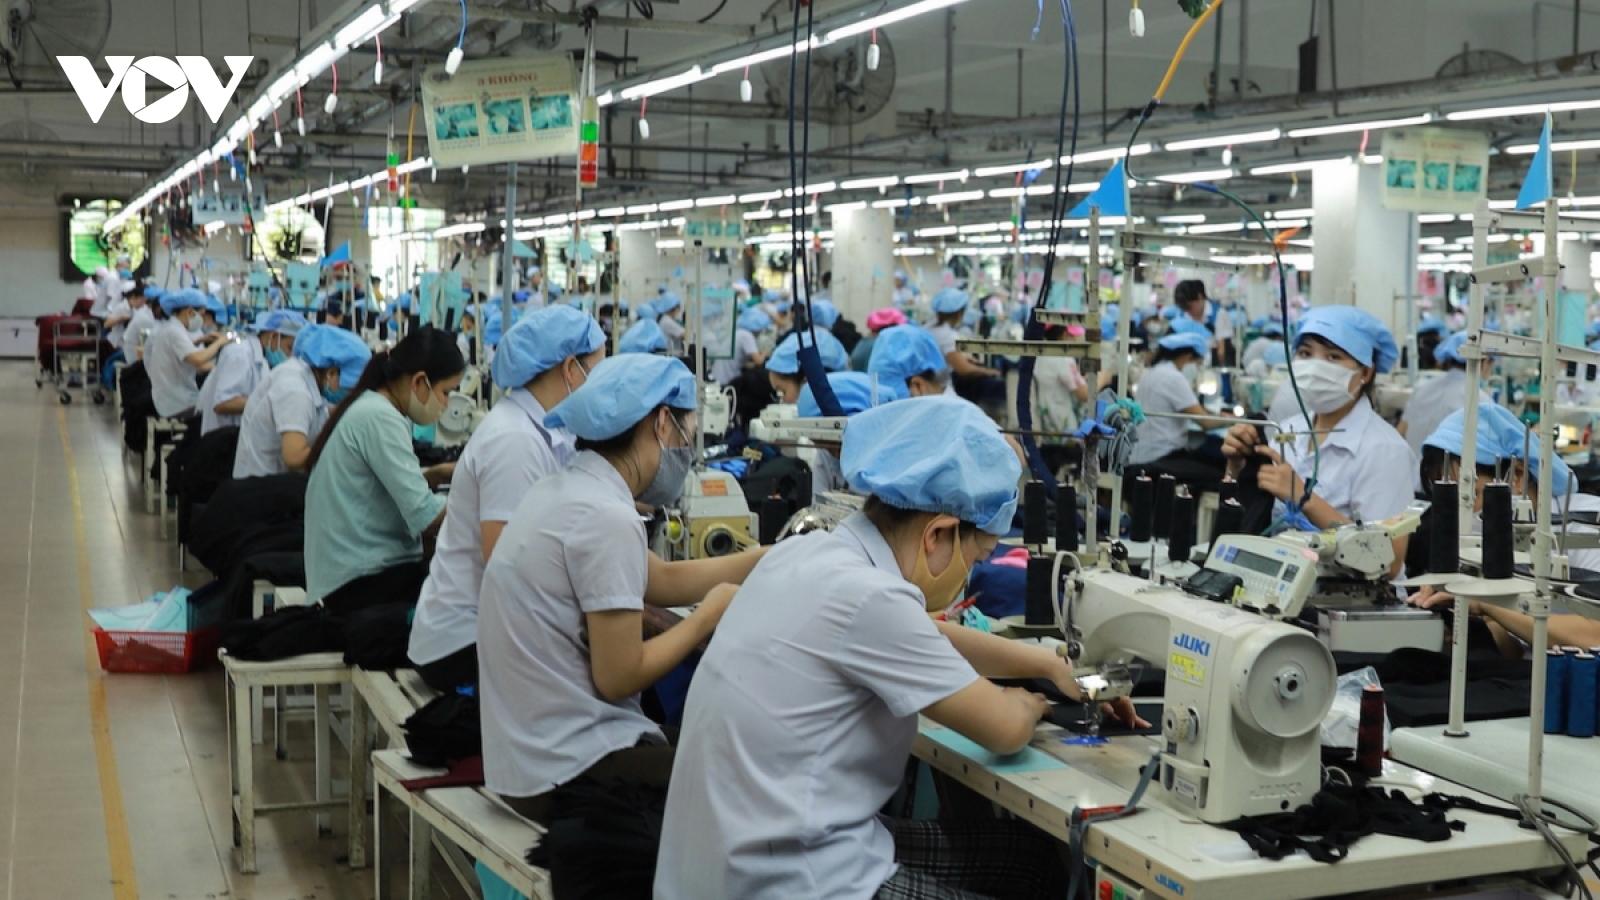 ILO tin tưởng các gói hỗ trợ của Việt Nam đang đi đúng hướng